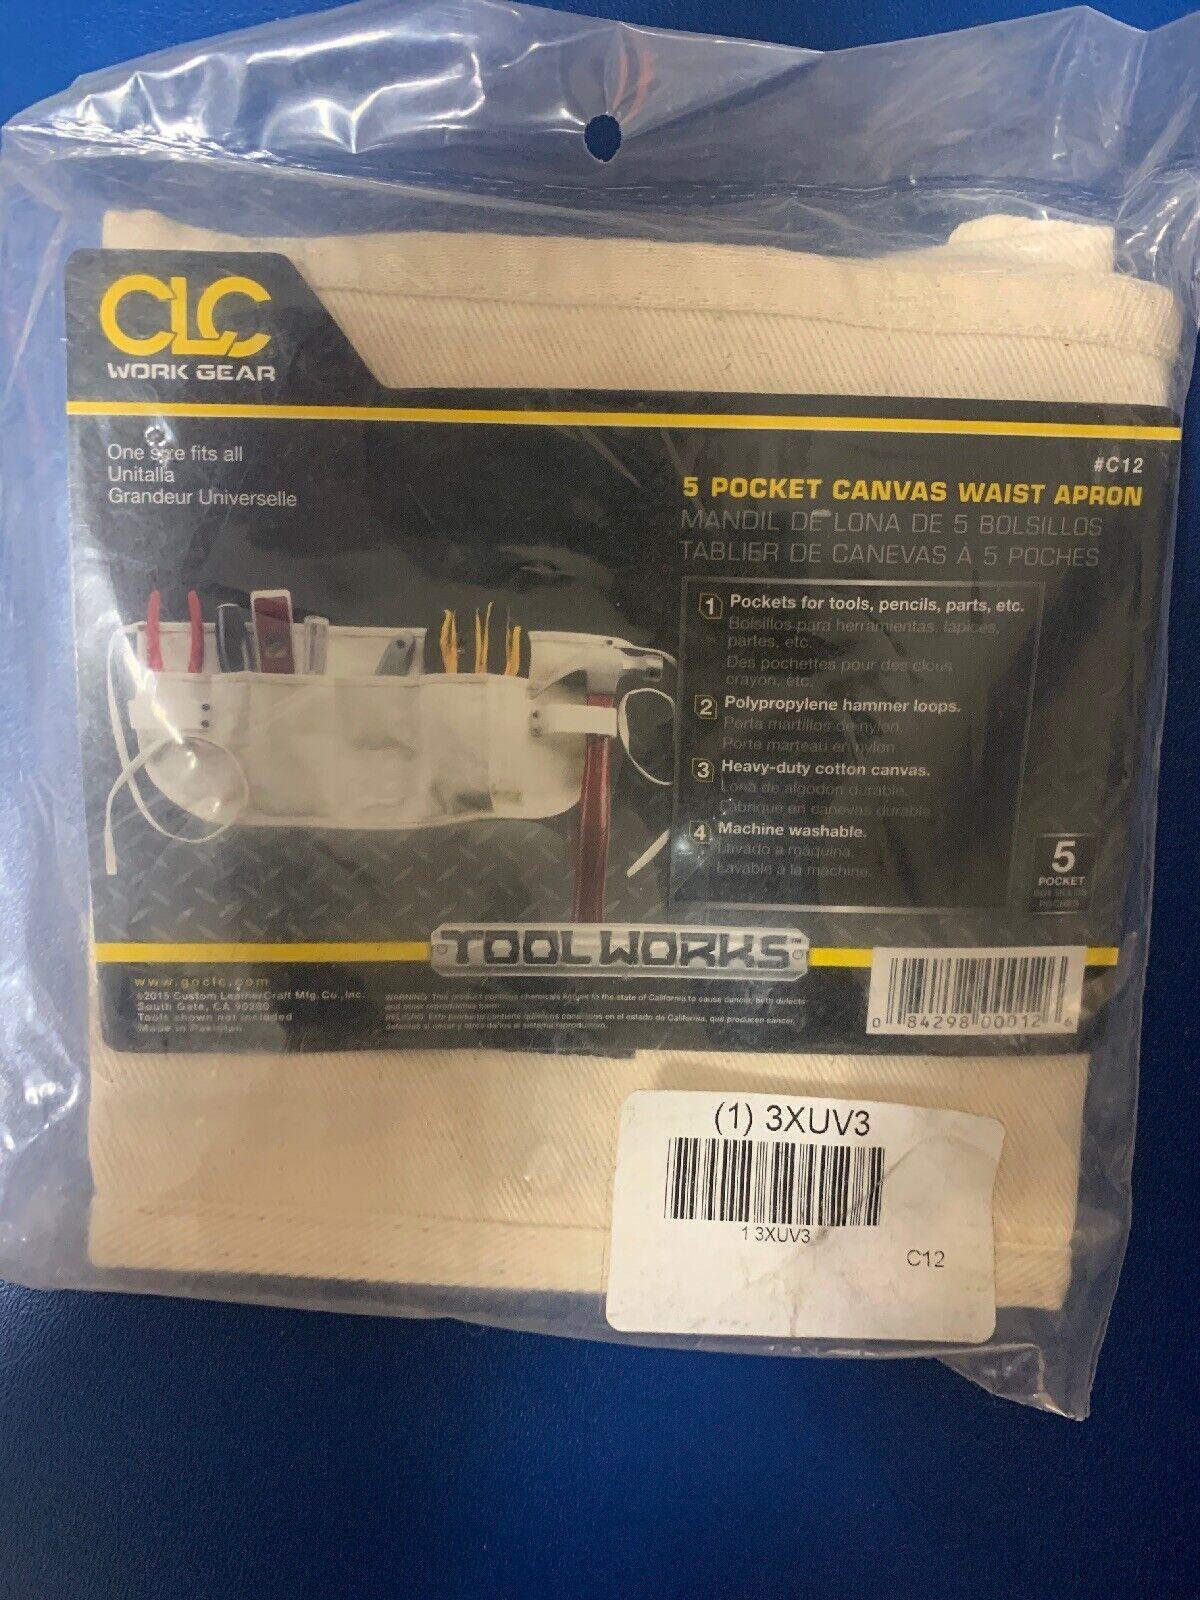 CLC Custom Leathercraft C12 , 5 Pocket Canvas Waist Apron Toolbelt